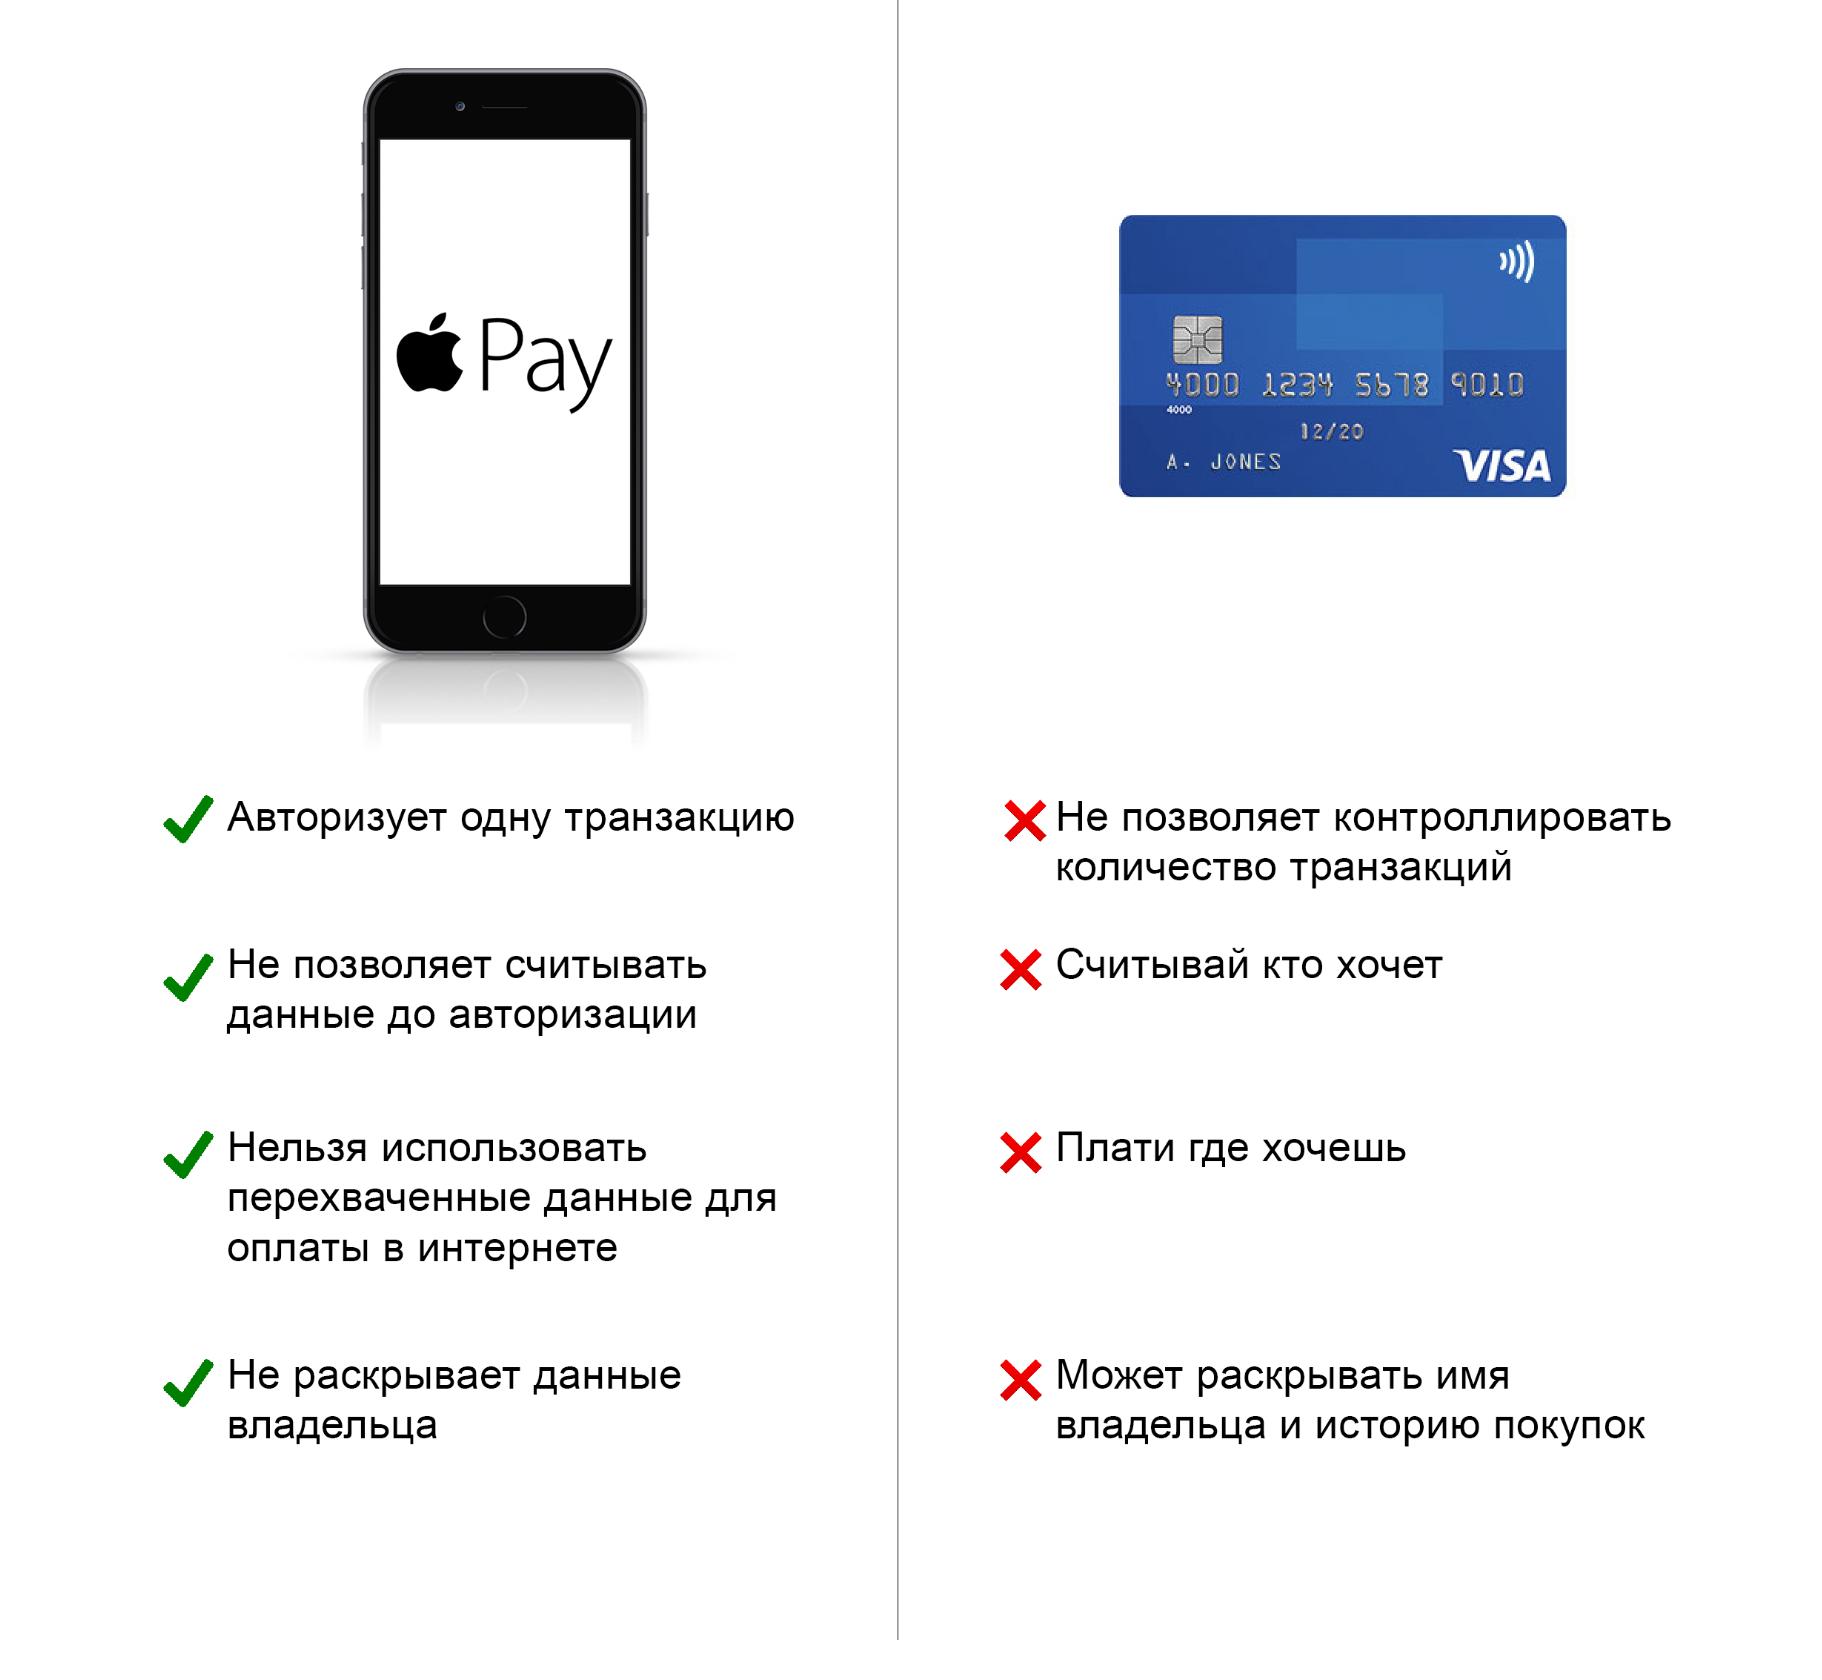 PayPass - что это, как работает технология бесконтактной оплаты? - Бизнес